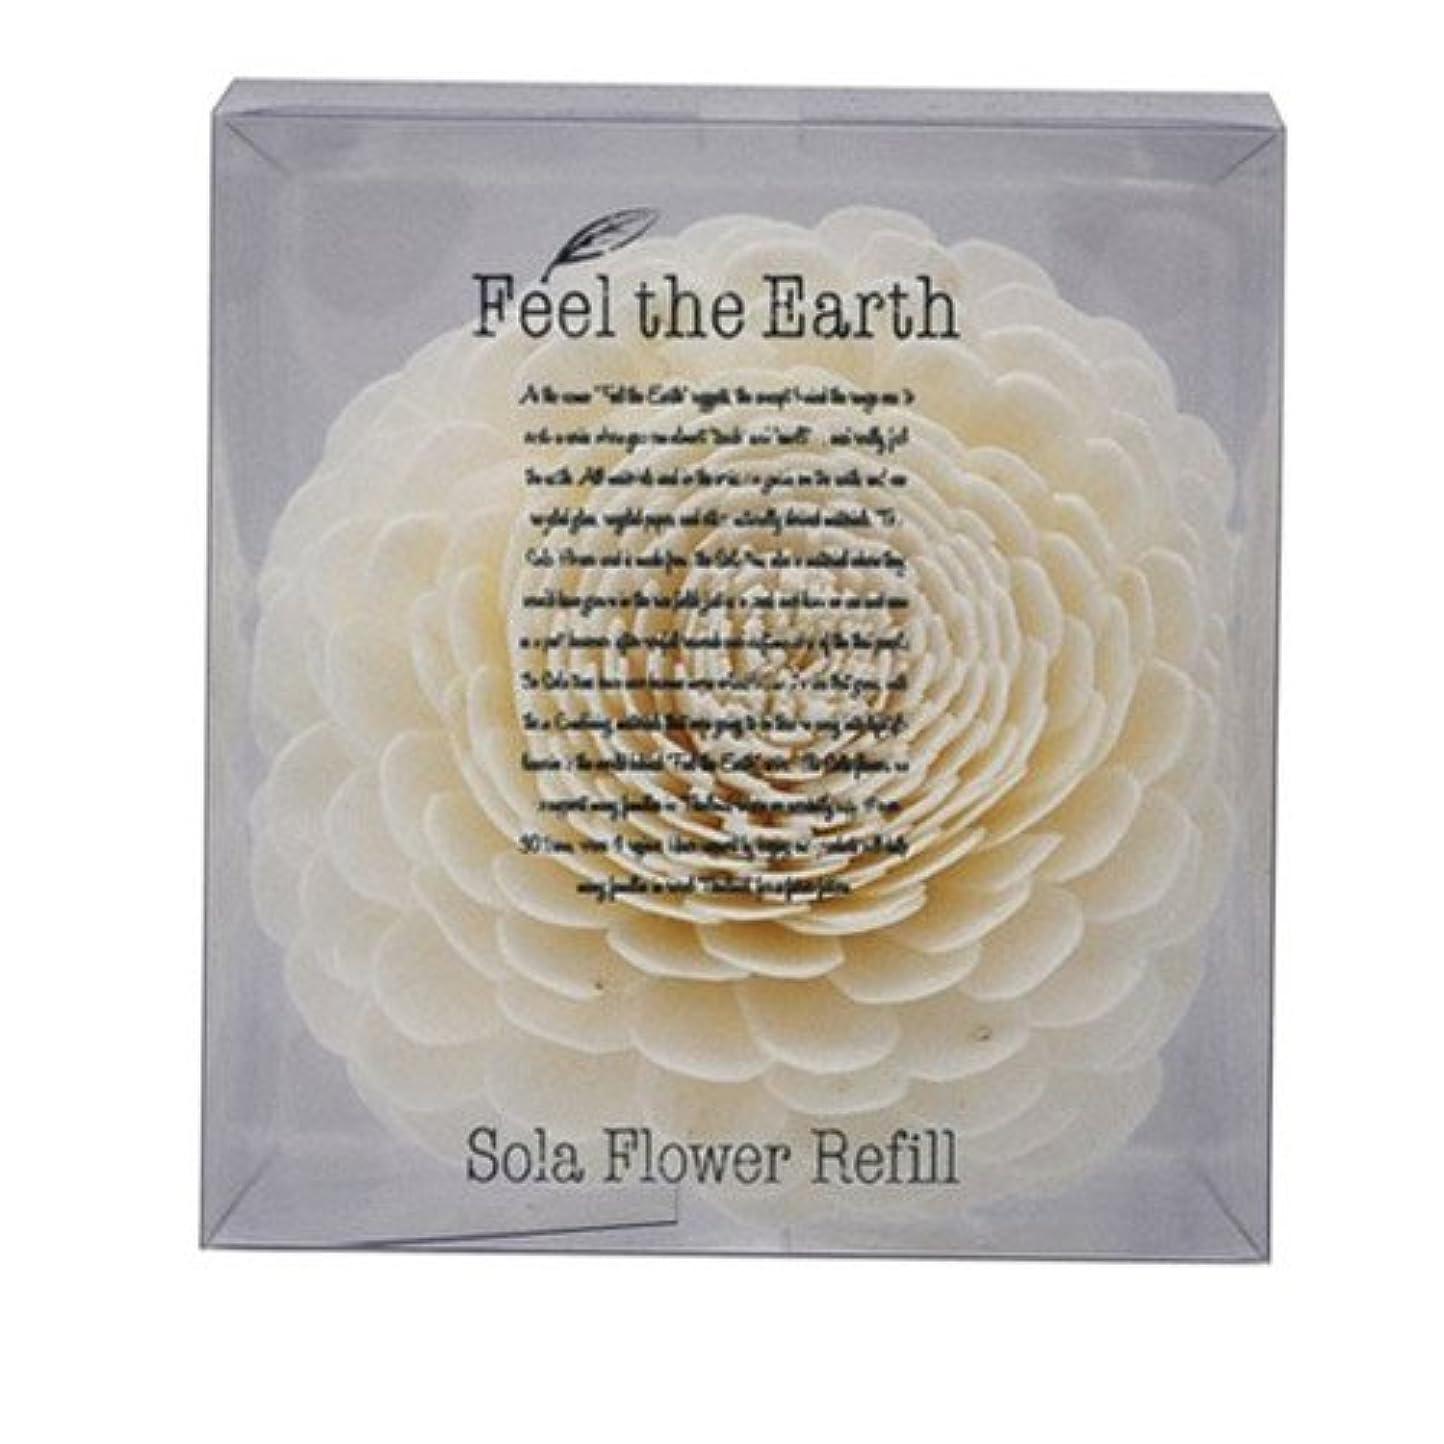 教室モンゴメリー前投薬FEEL THE EARTH ソラフラワー リフィル ダリア DAHLIA フィール ジ アース